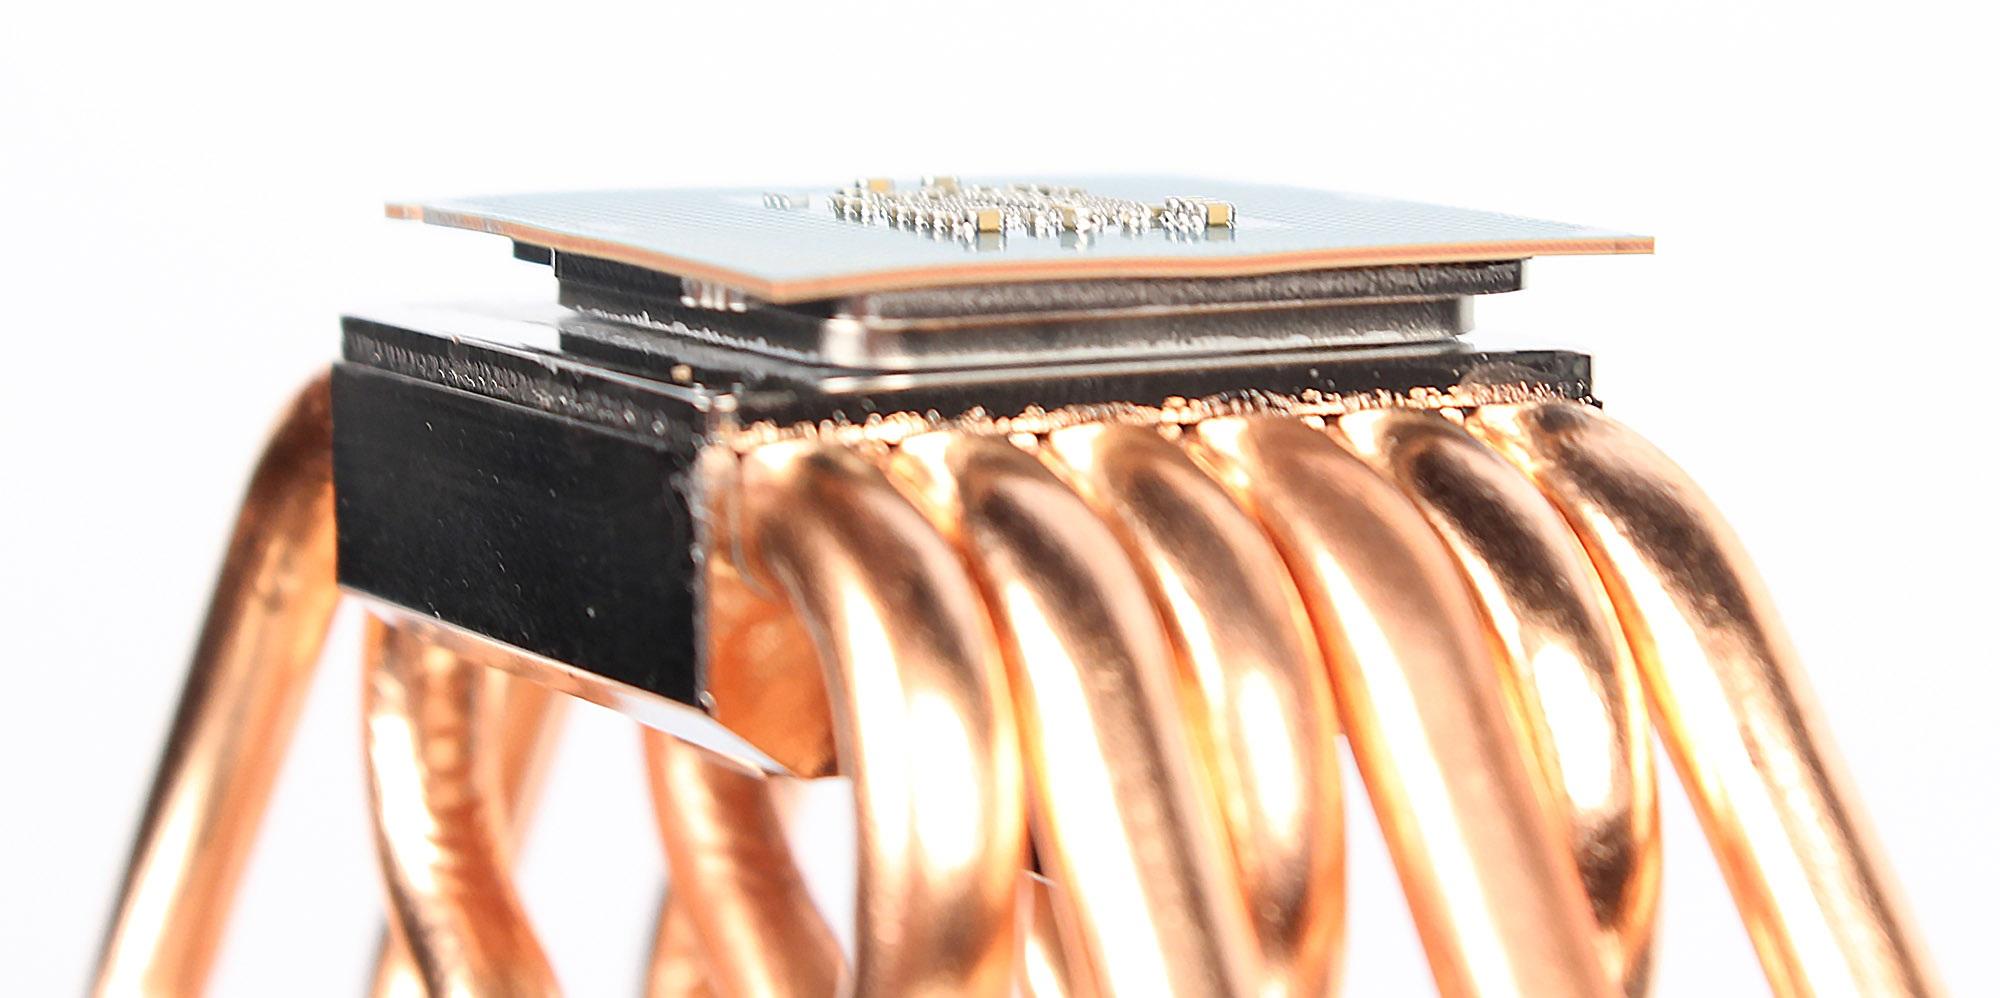 El MSI CPU GUARD 1151 garantiza no doblar tu CPU Skylake